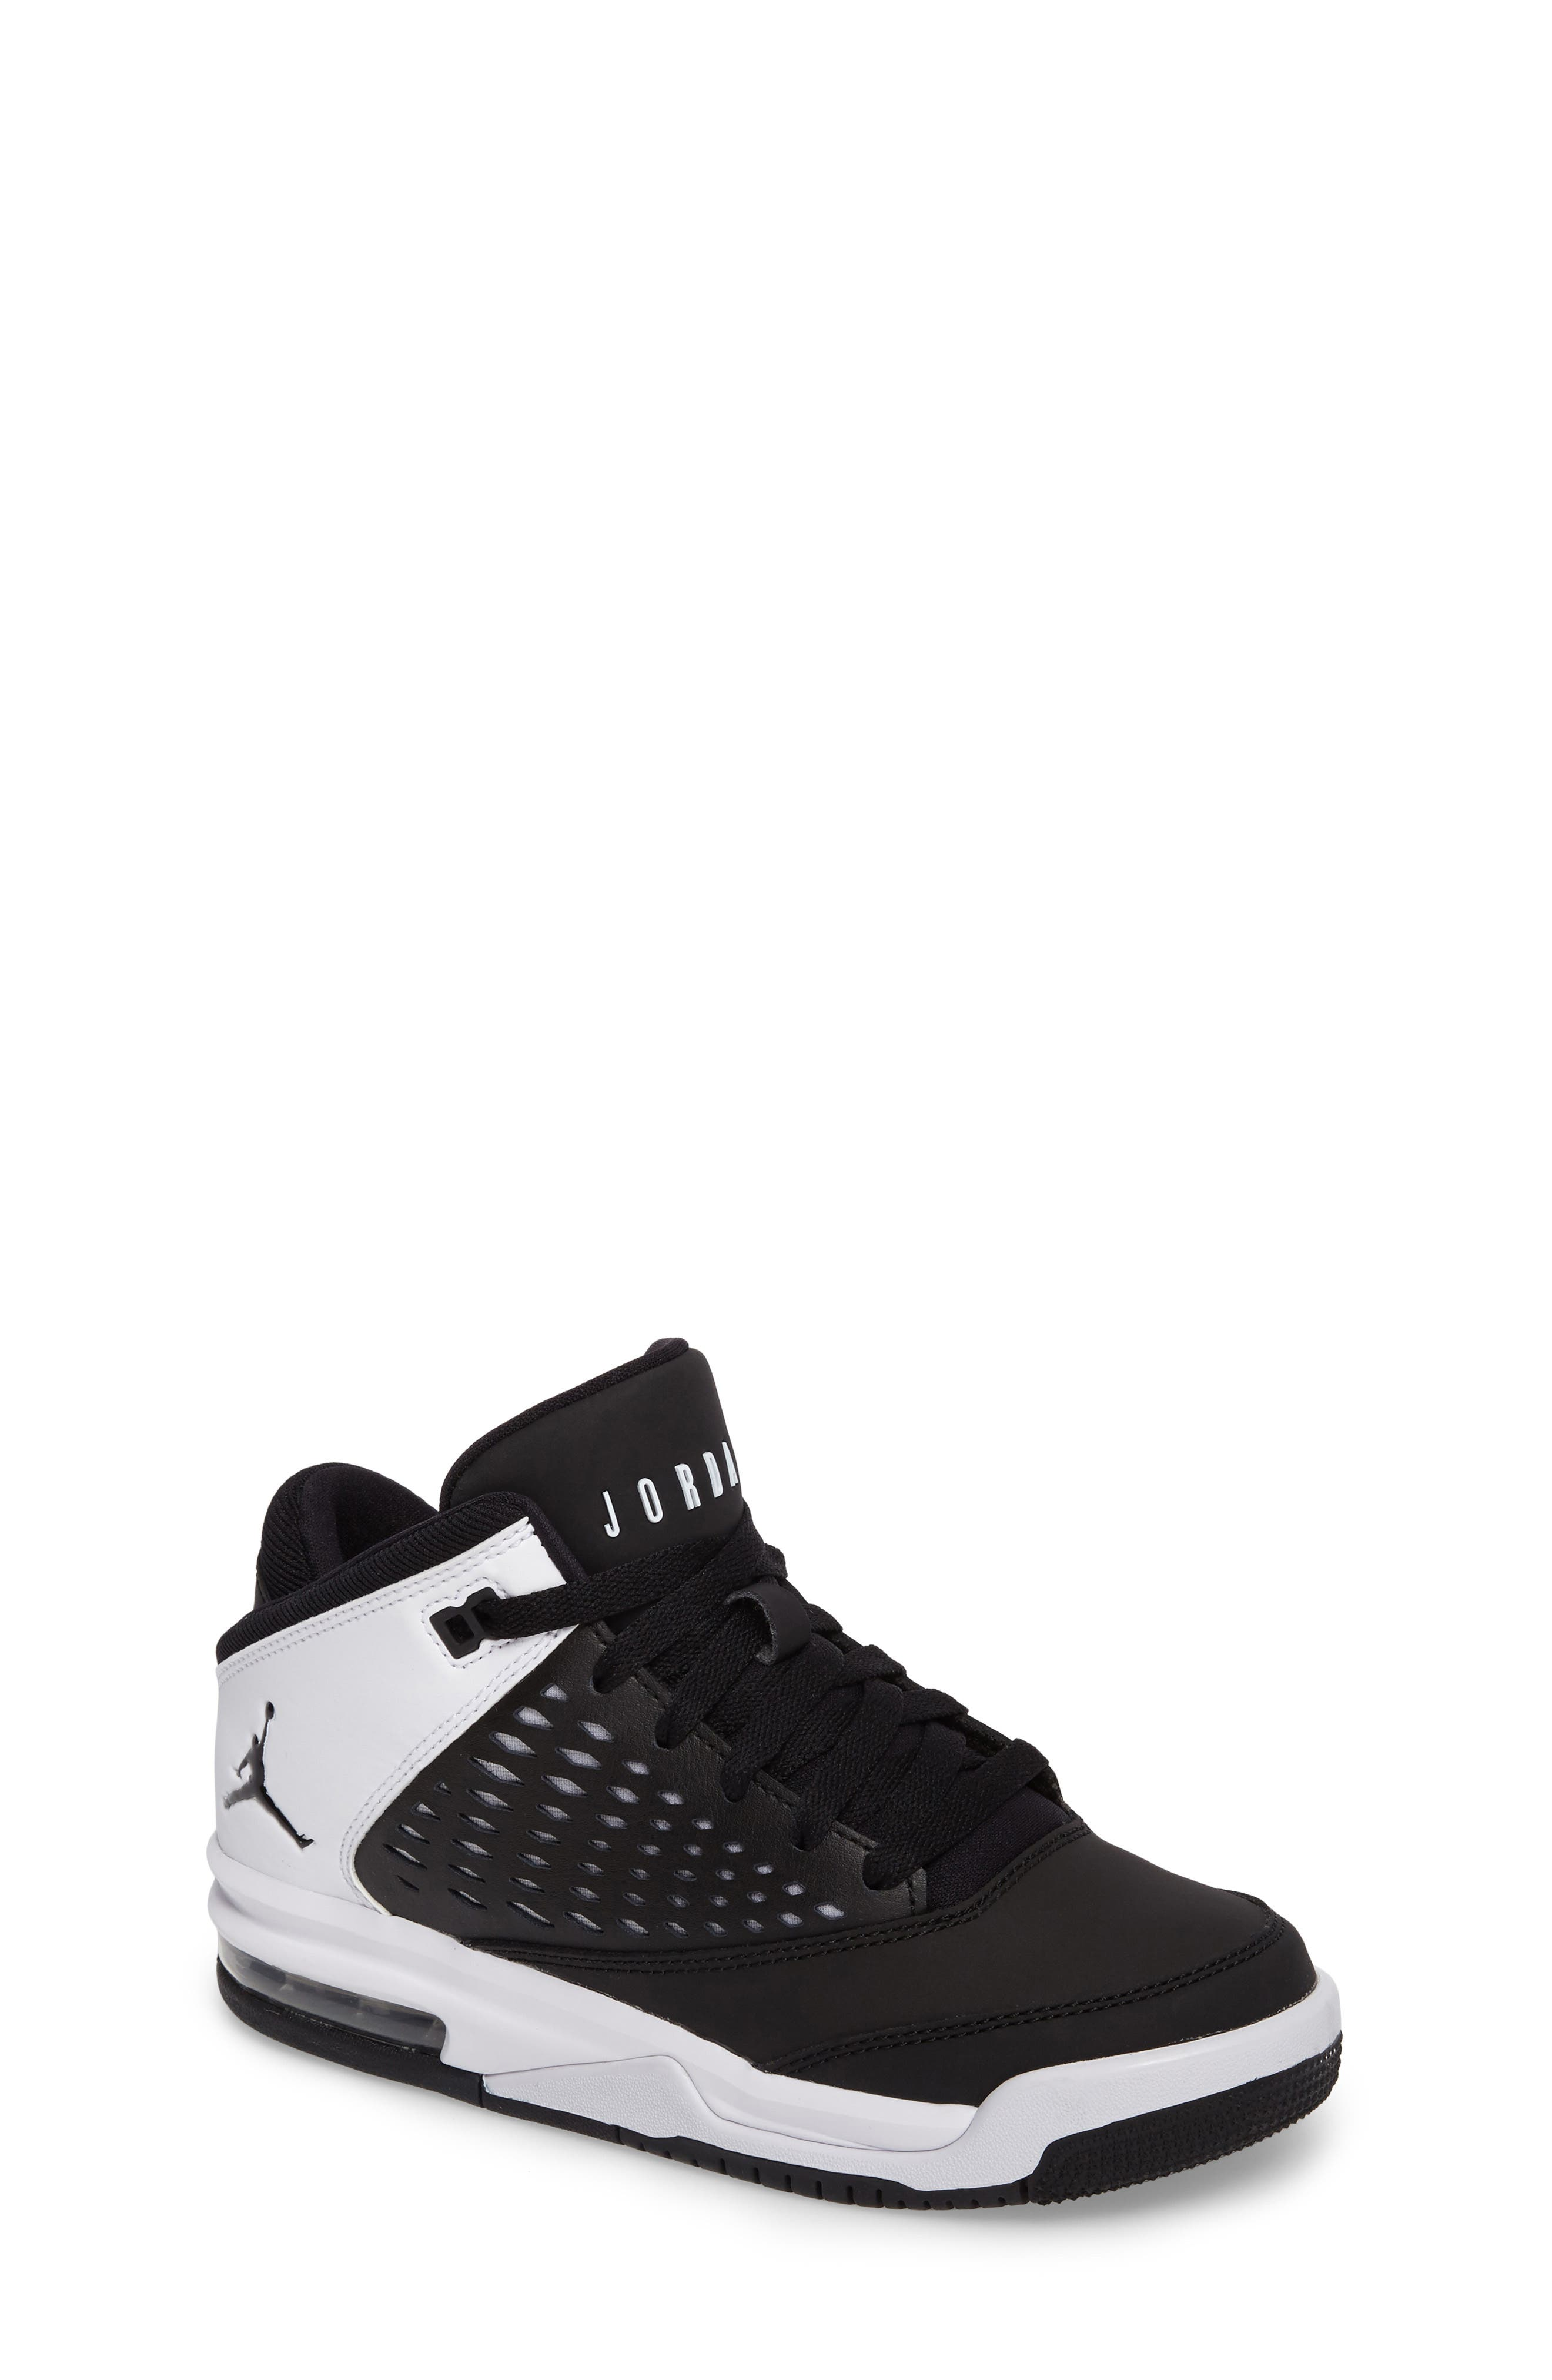 Alternate Image 1 Selected - Nike Jordan Flight Origin Sneaker (Big Kid)